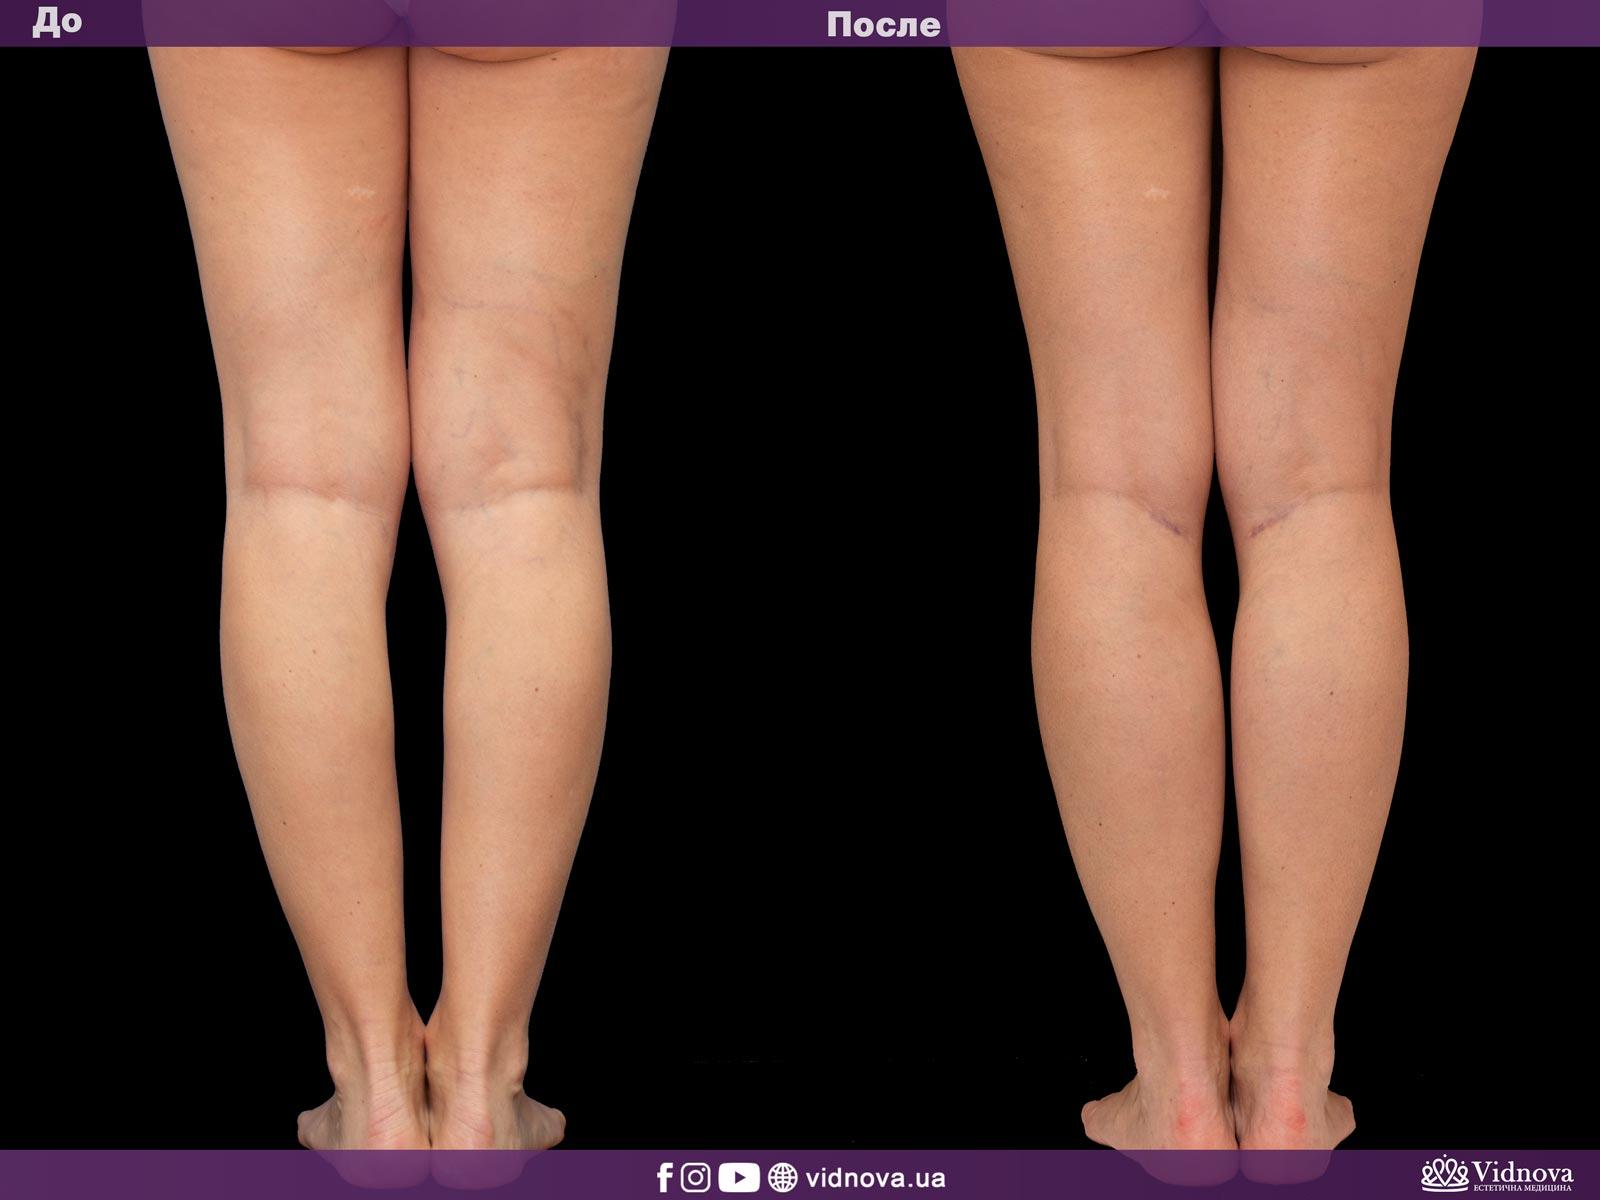 Круропластика: Фото До и После - Пример №1-2 - Клиника Vidnova